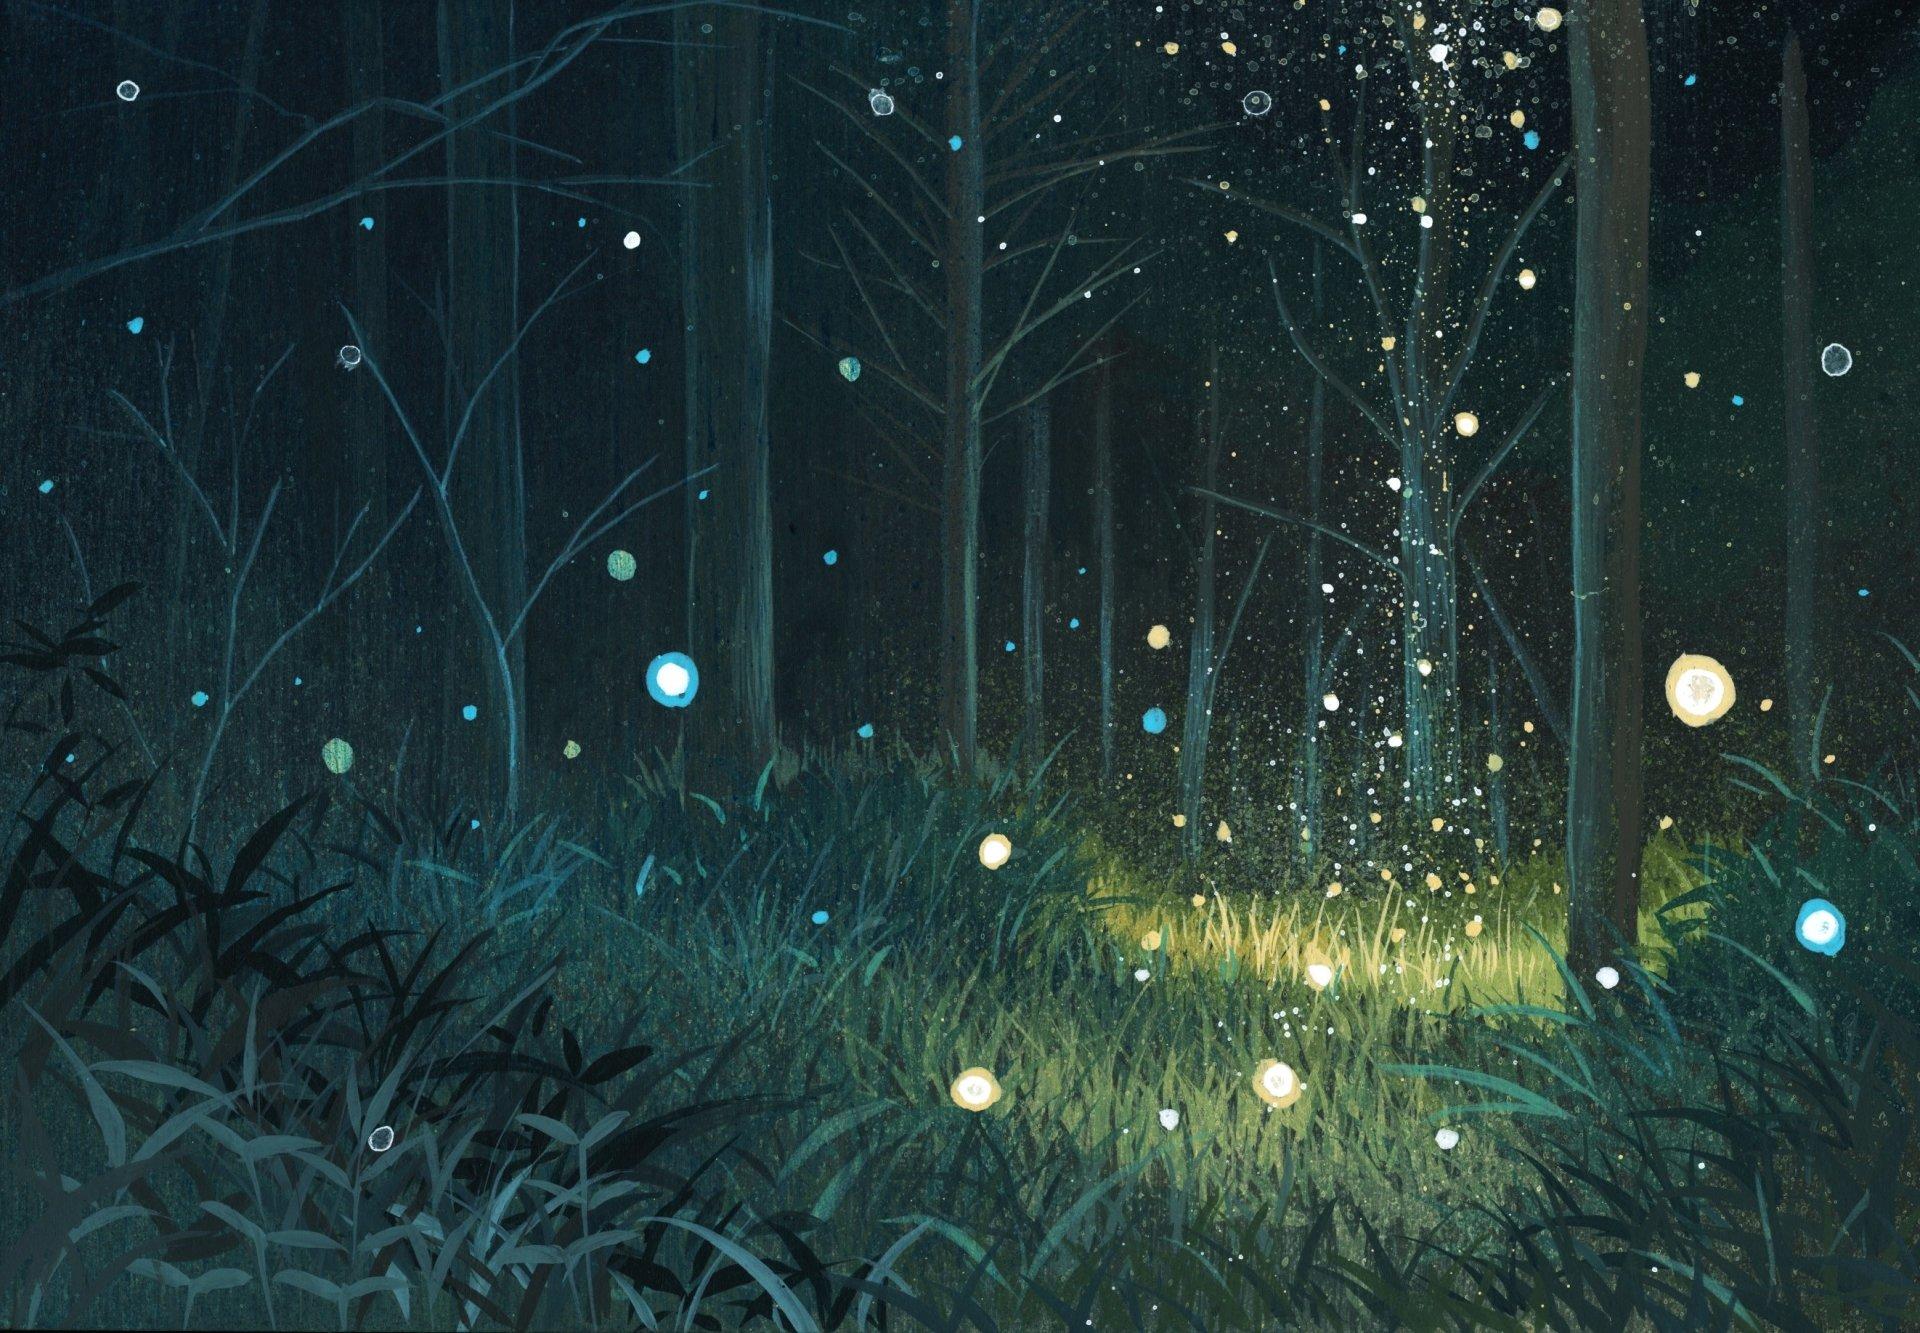 Anime - Original  Grass Forest Magic Tree Plant Nature Anime Original (Anime) Wallpaper